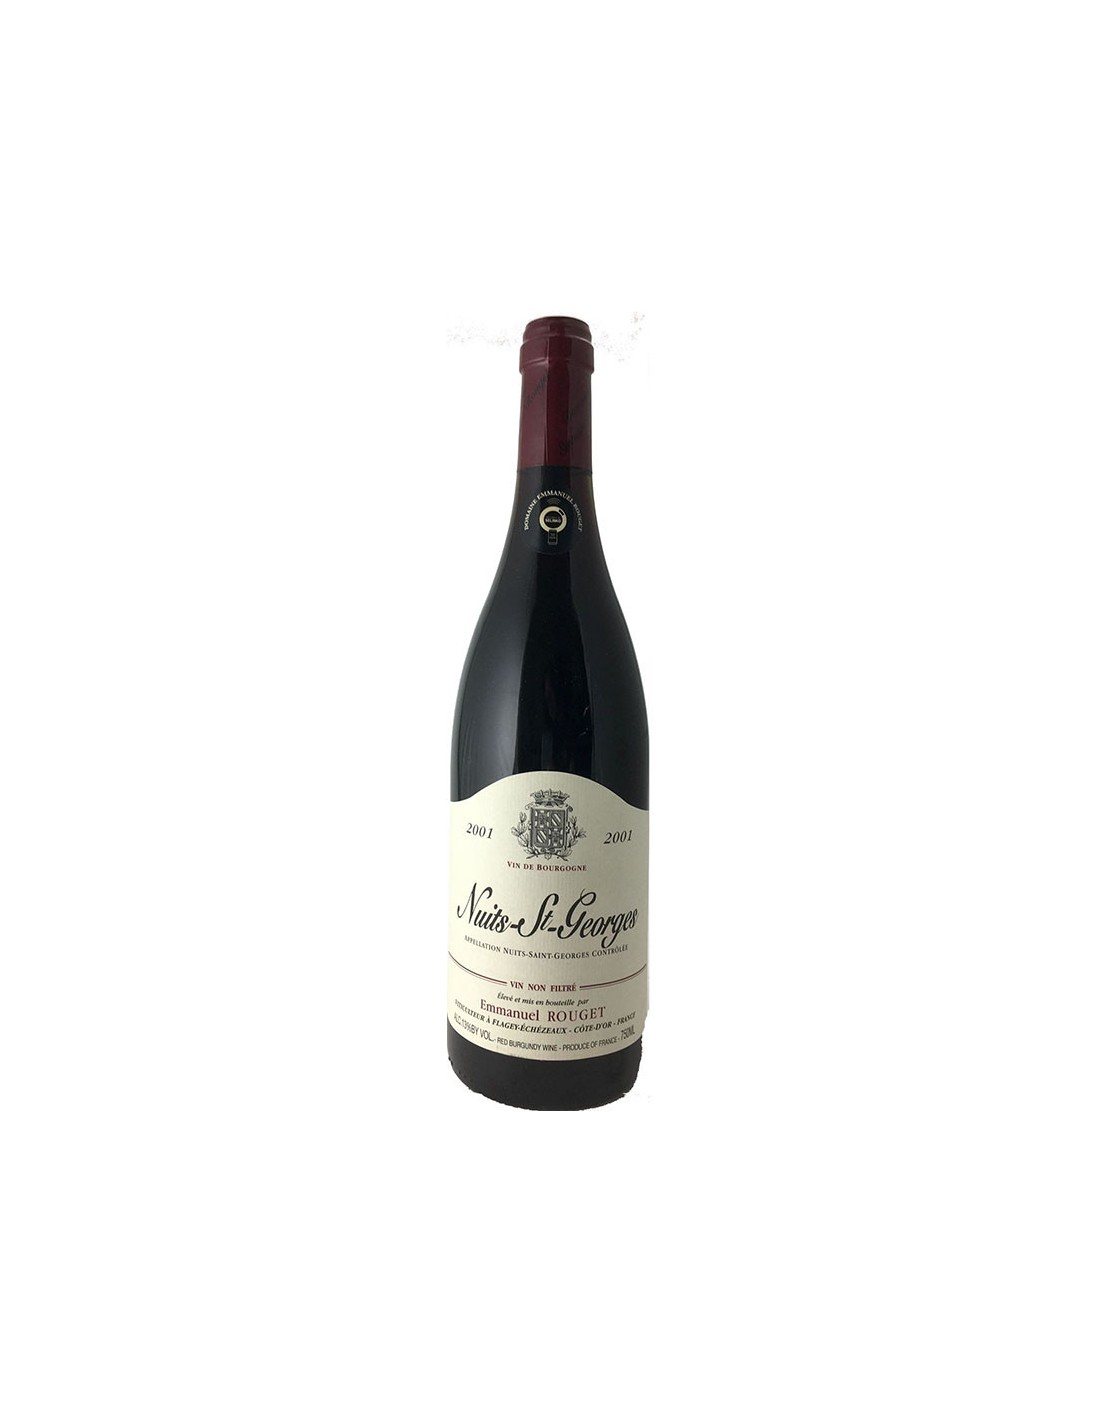 NUITS ST GEORGES RISERVA DI CANTINA 2001 ROUGET Grandi Bottiglie